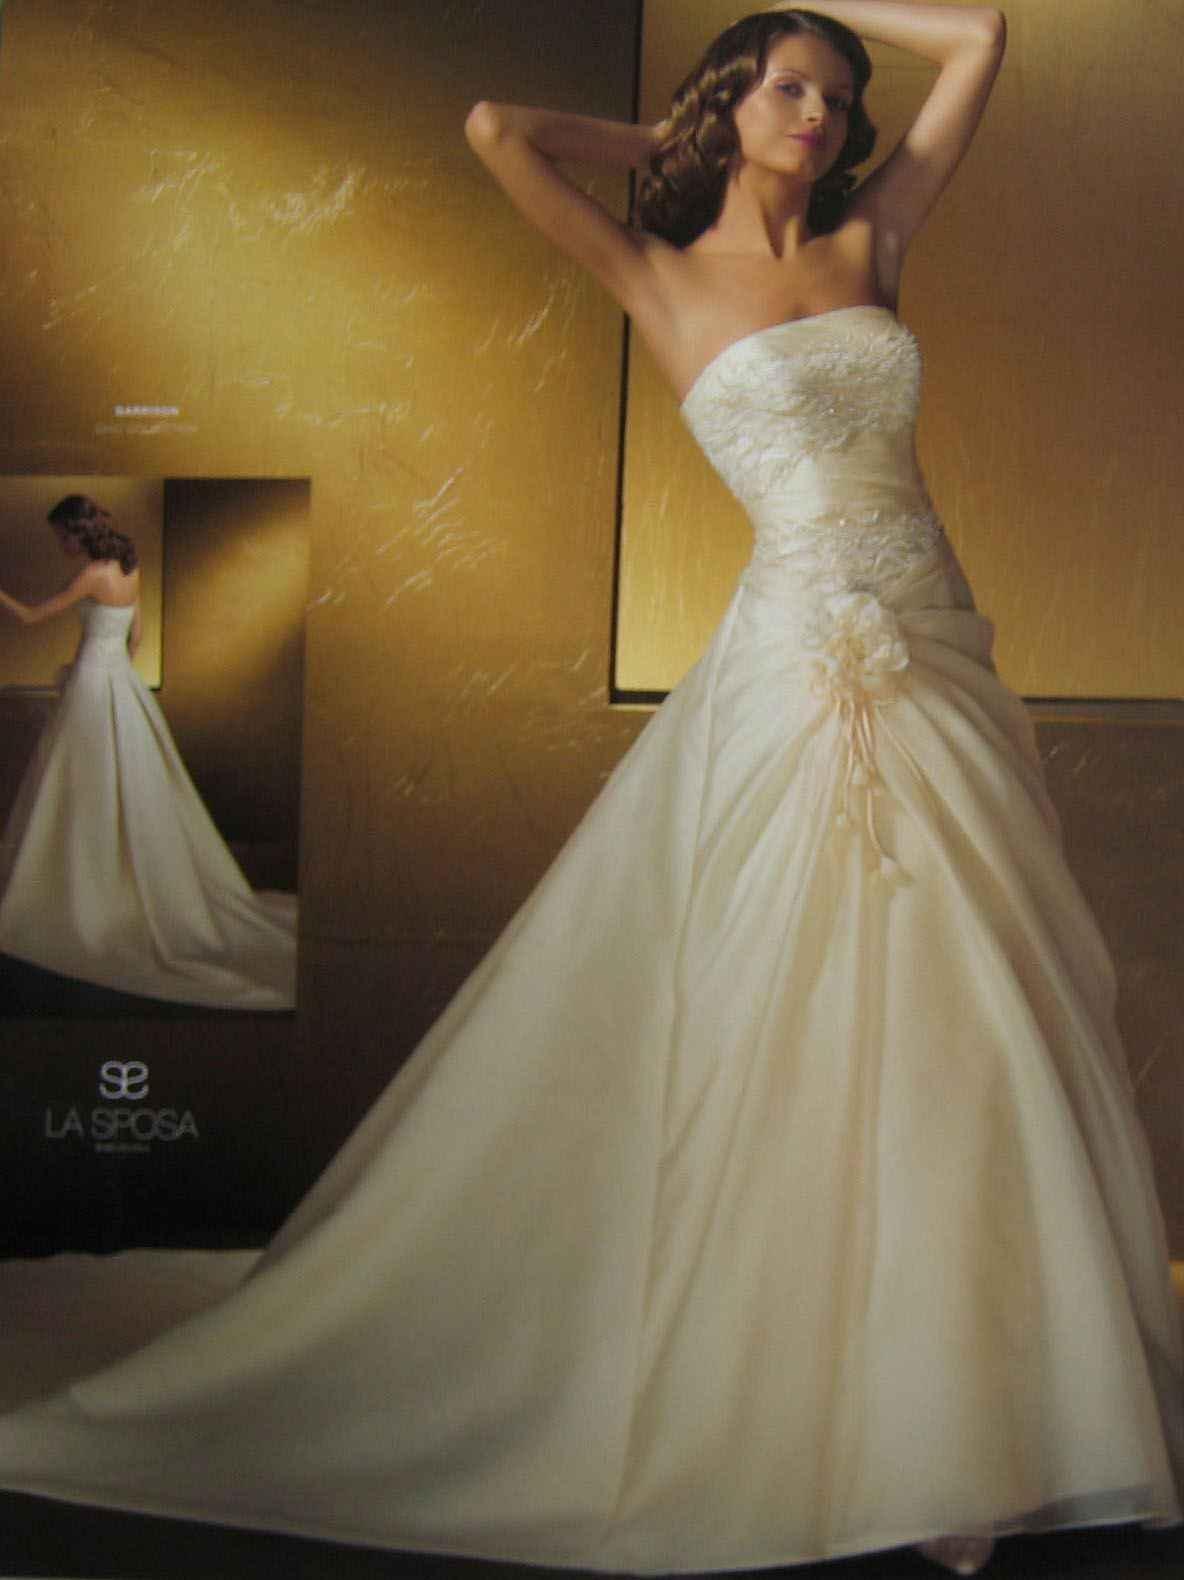 Svadobné šaty, čo sa mi páčia :) - Obrázok č. 16